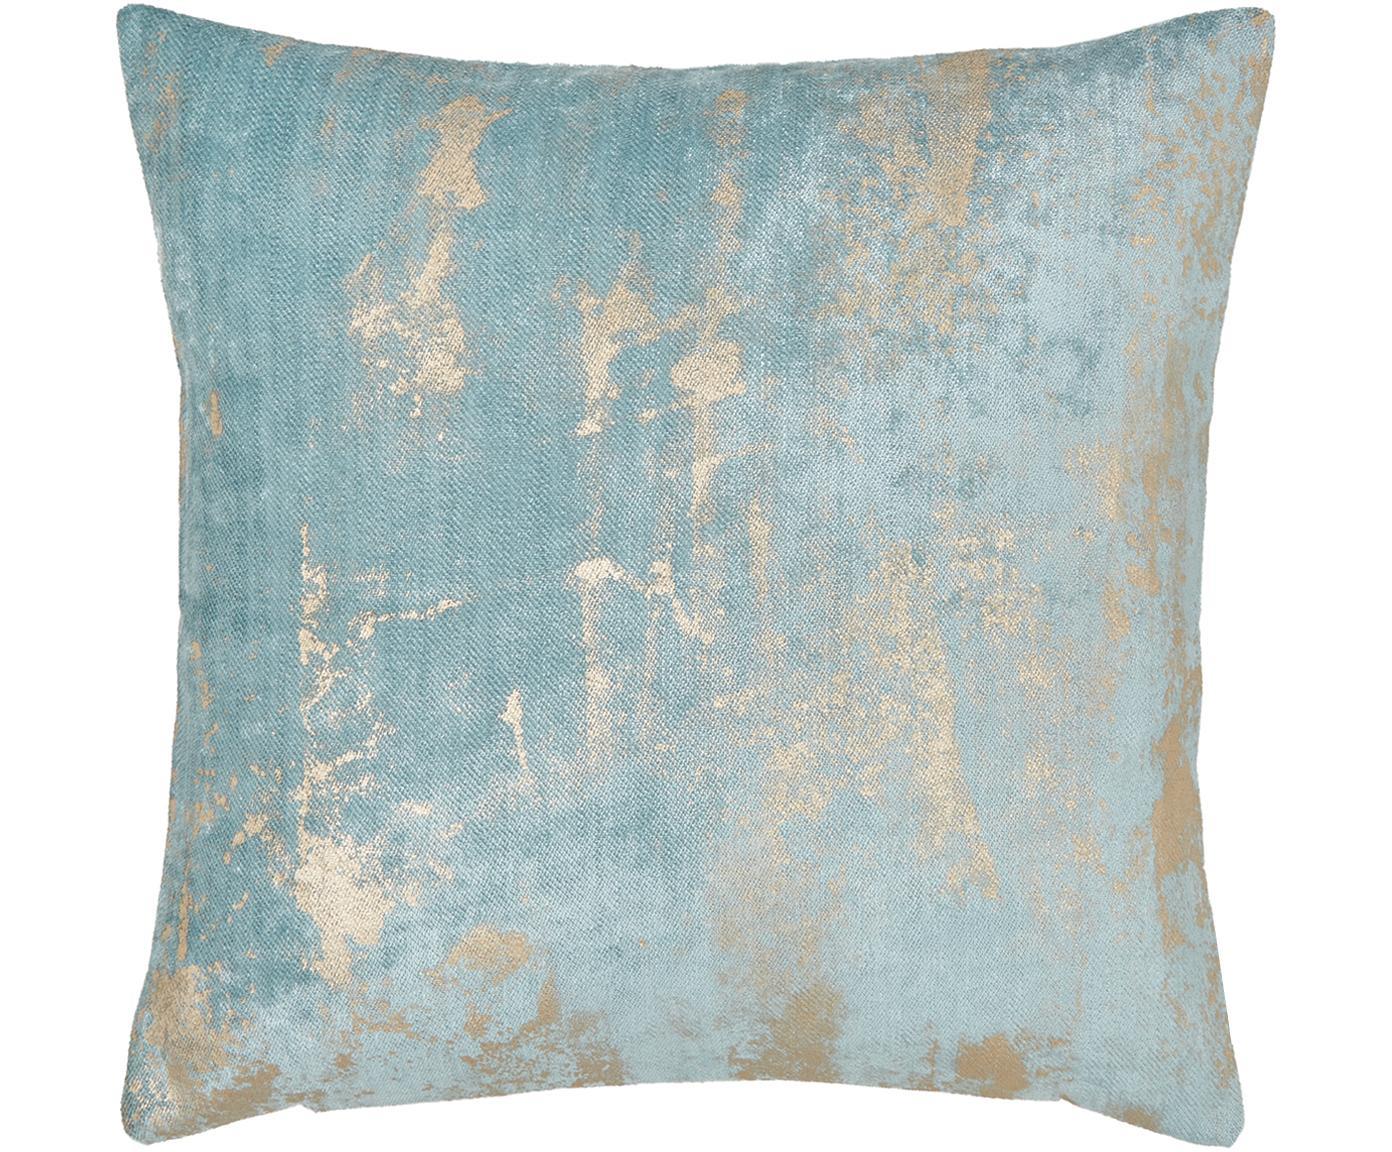 Federa arredo in velluto Shiny, Retro: poliestere, Turchese chiaro, Larg. 40 x Lung. 40 cm